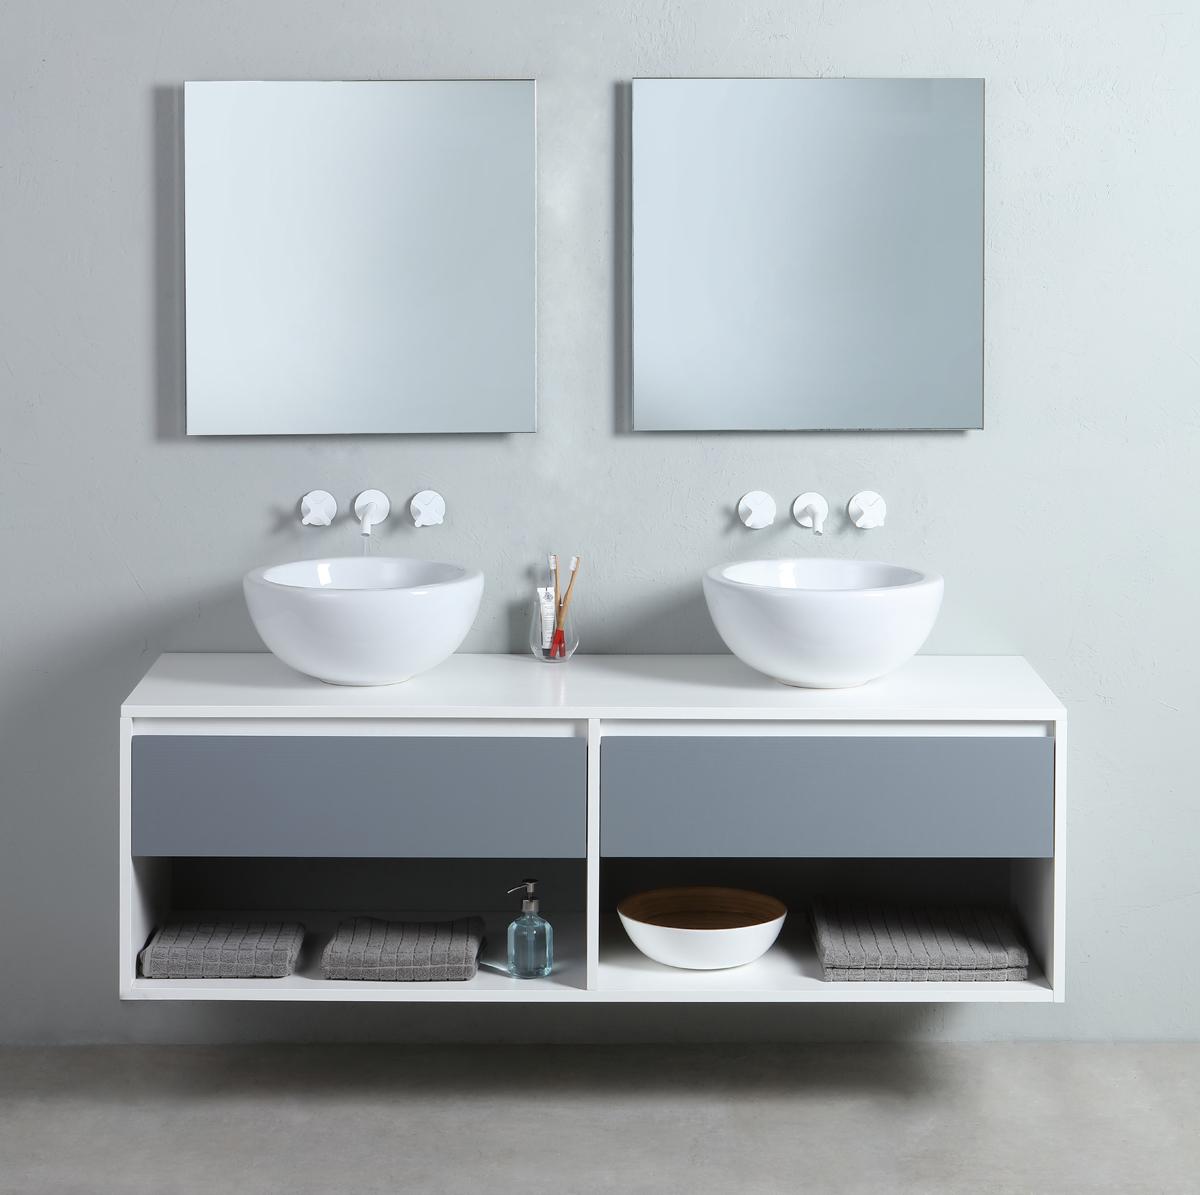 Mobile bagno sospeso frame - Arredo bagno sospeso ...